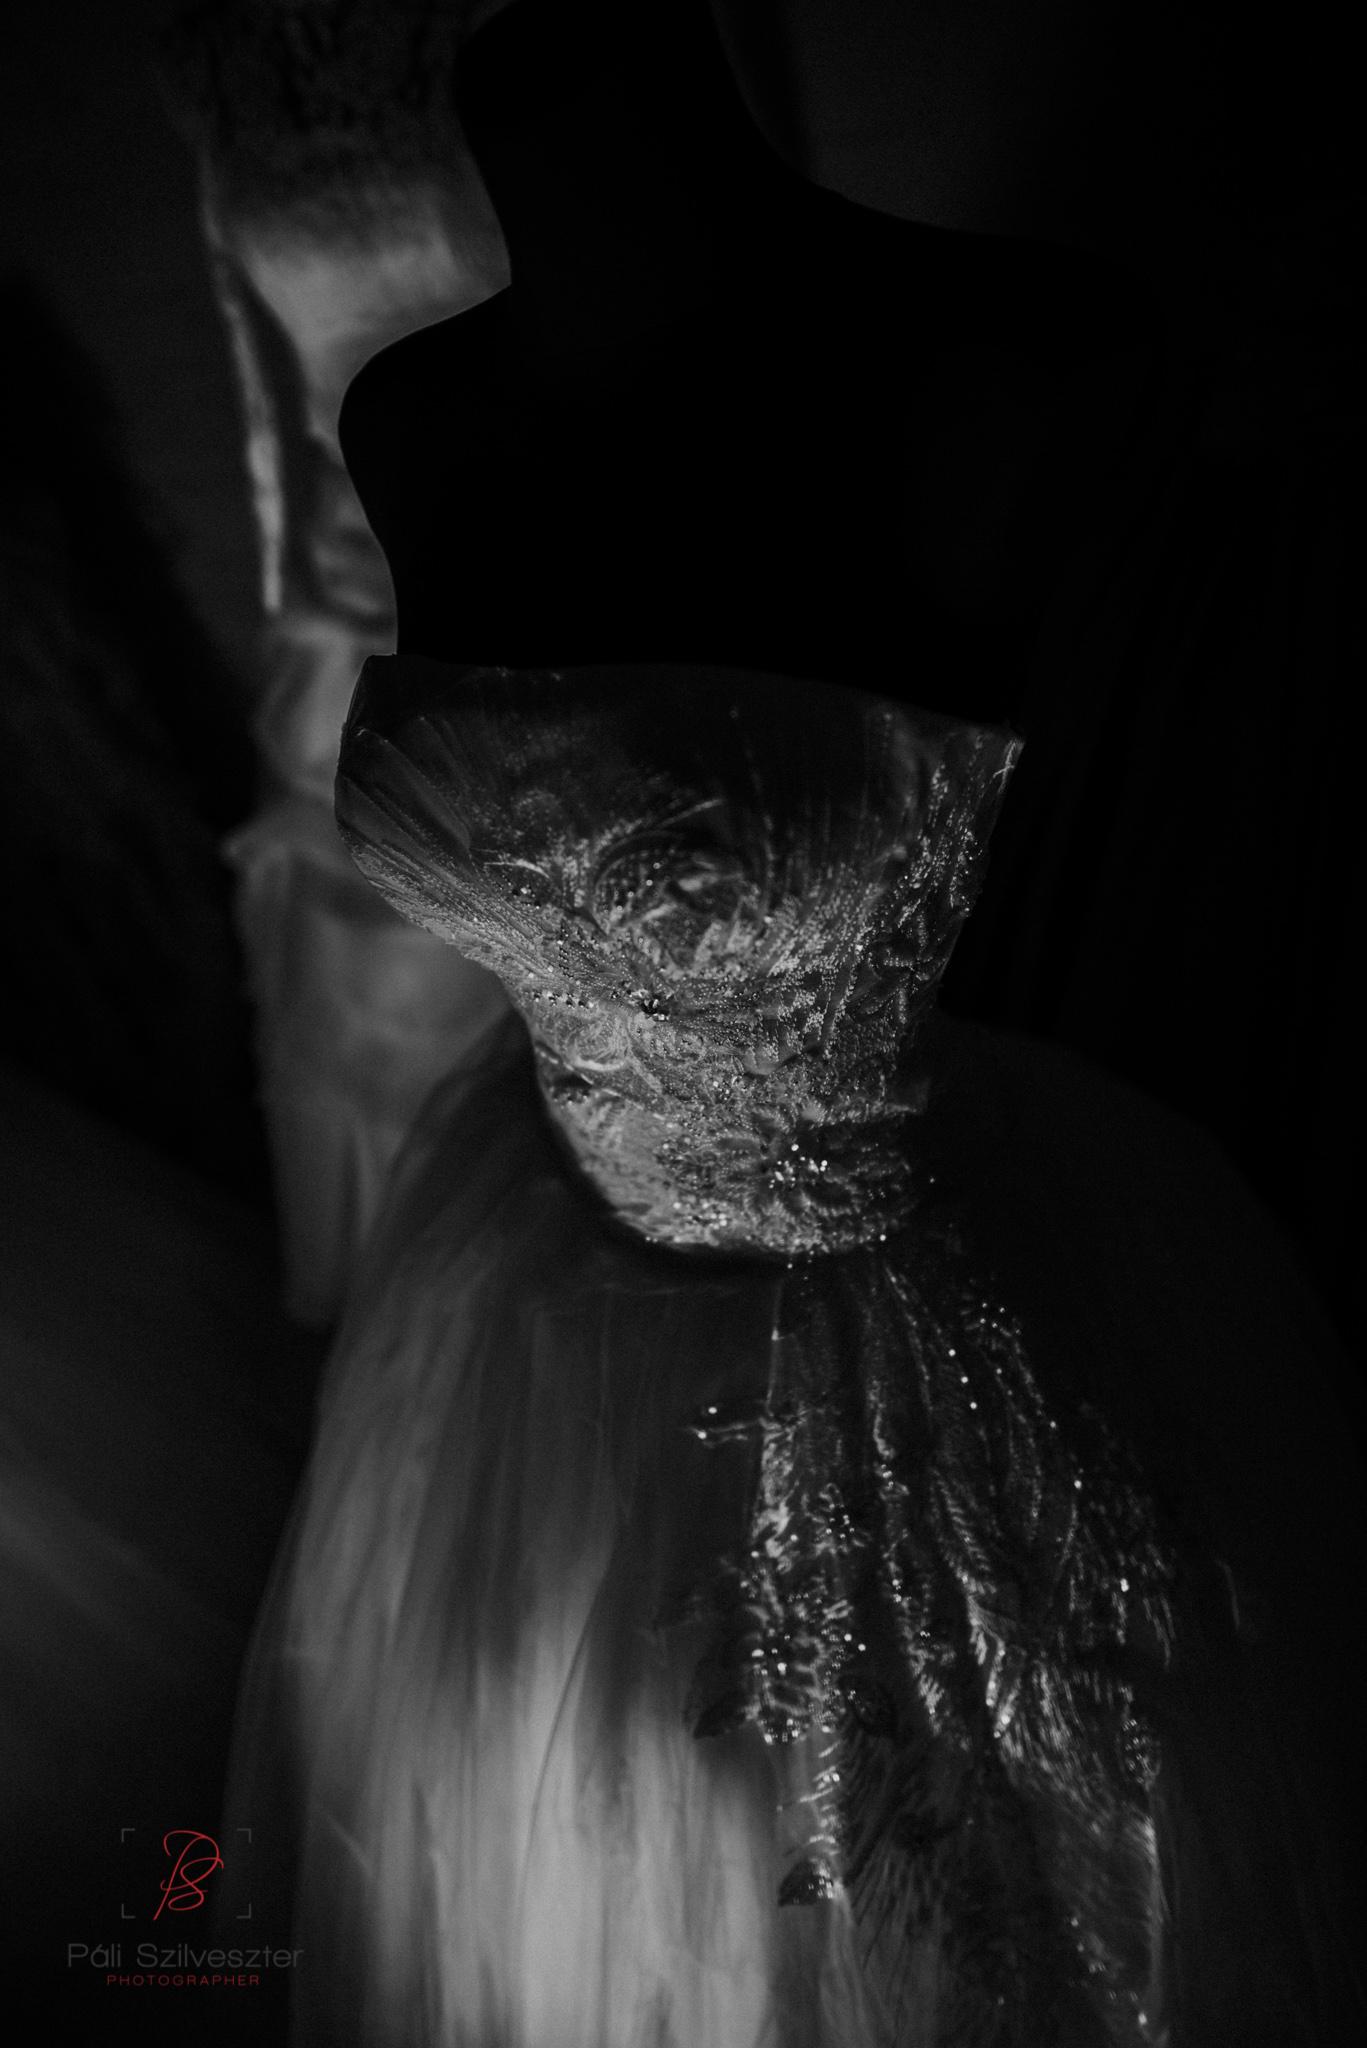 Páli-Szilveszter-székesfehérvári-esküvői-fotós-esztergom-prímás-pince-esüvőkiállítás-2016-01-23-70480.jpg